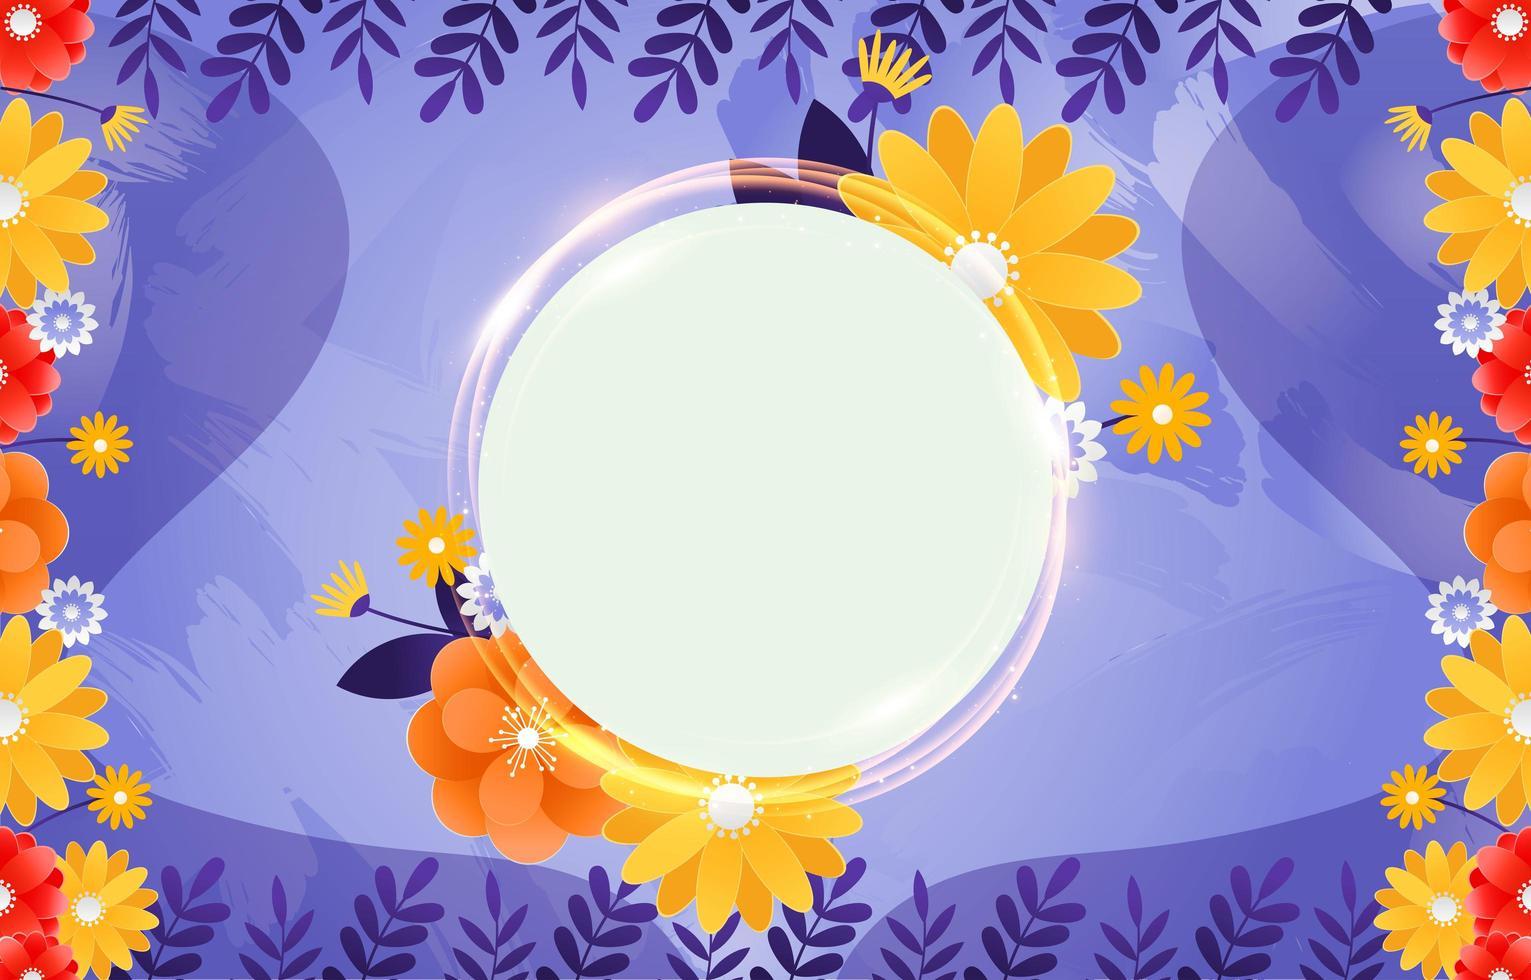 sfondo floreale brillante cornice rotonda vettore